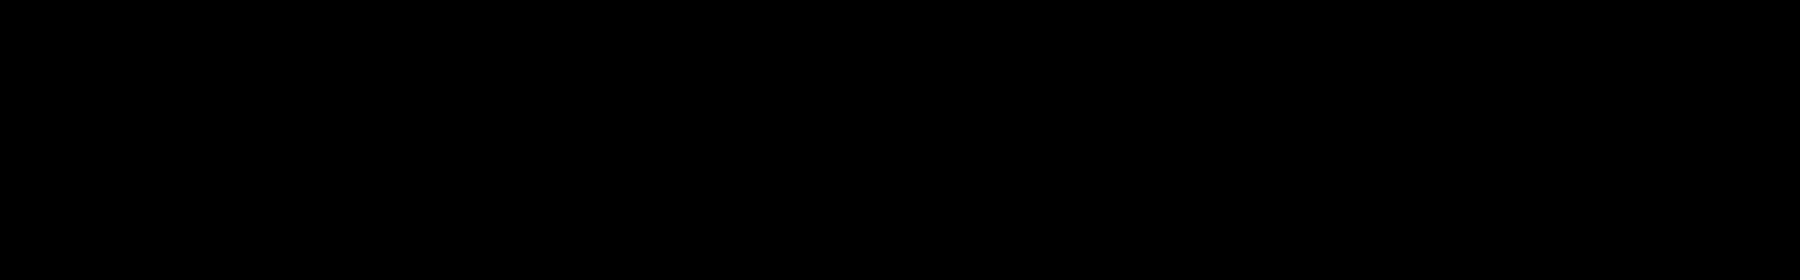 JAUWZ BASS DROPS audio waveform